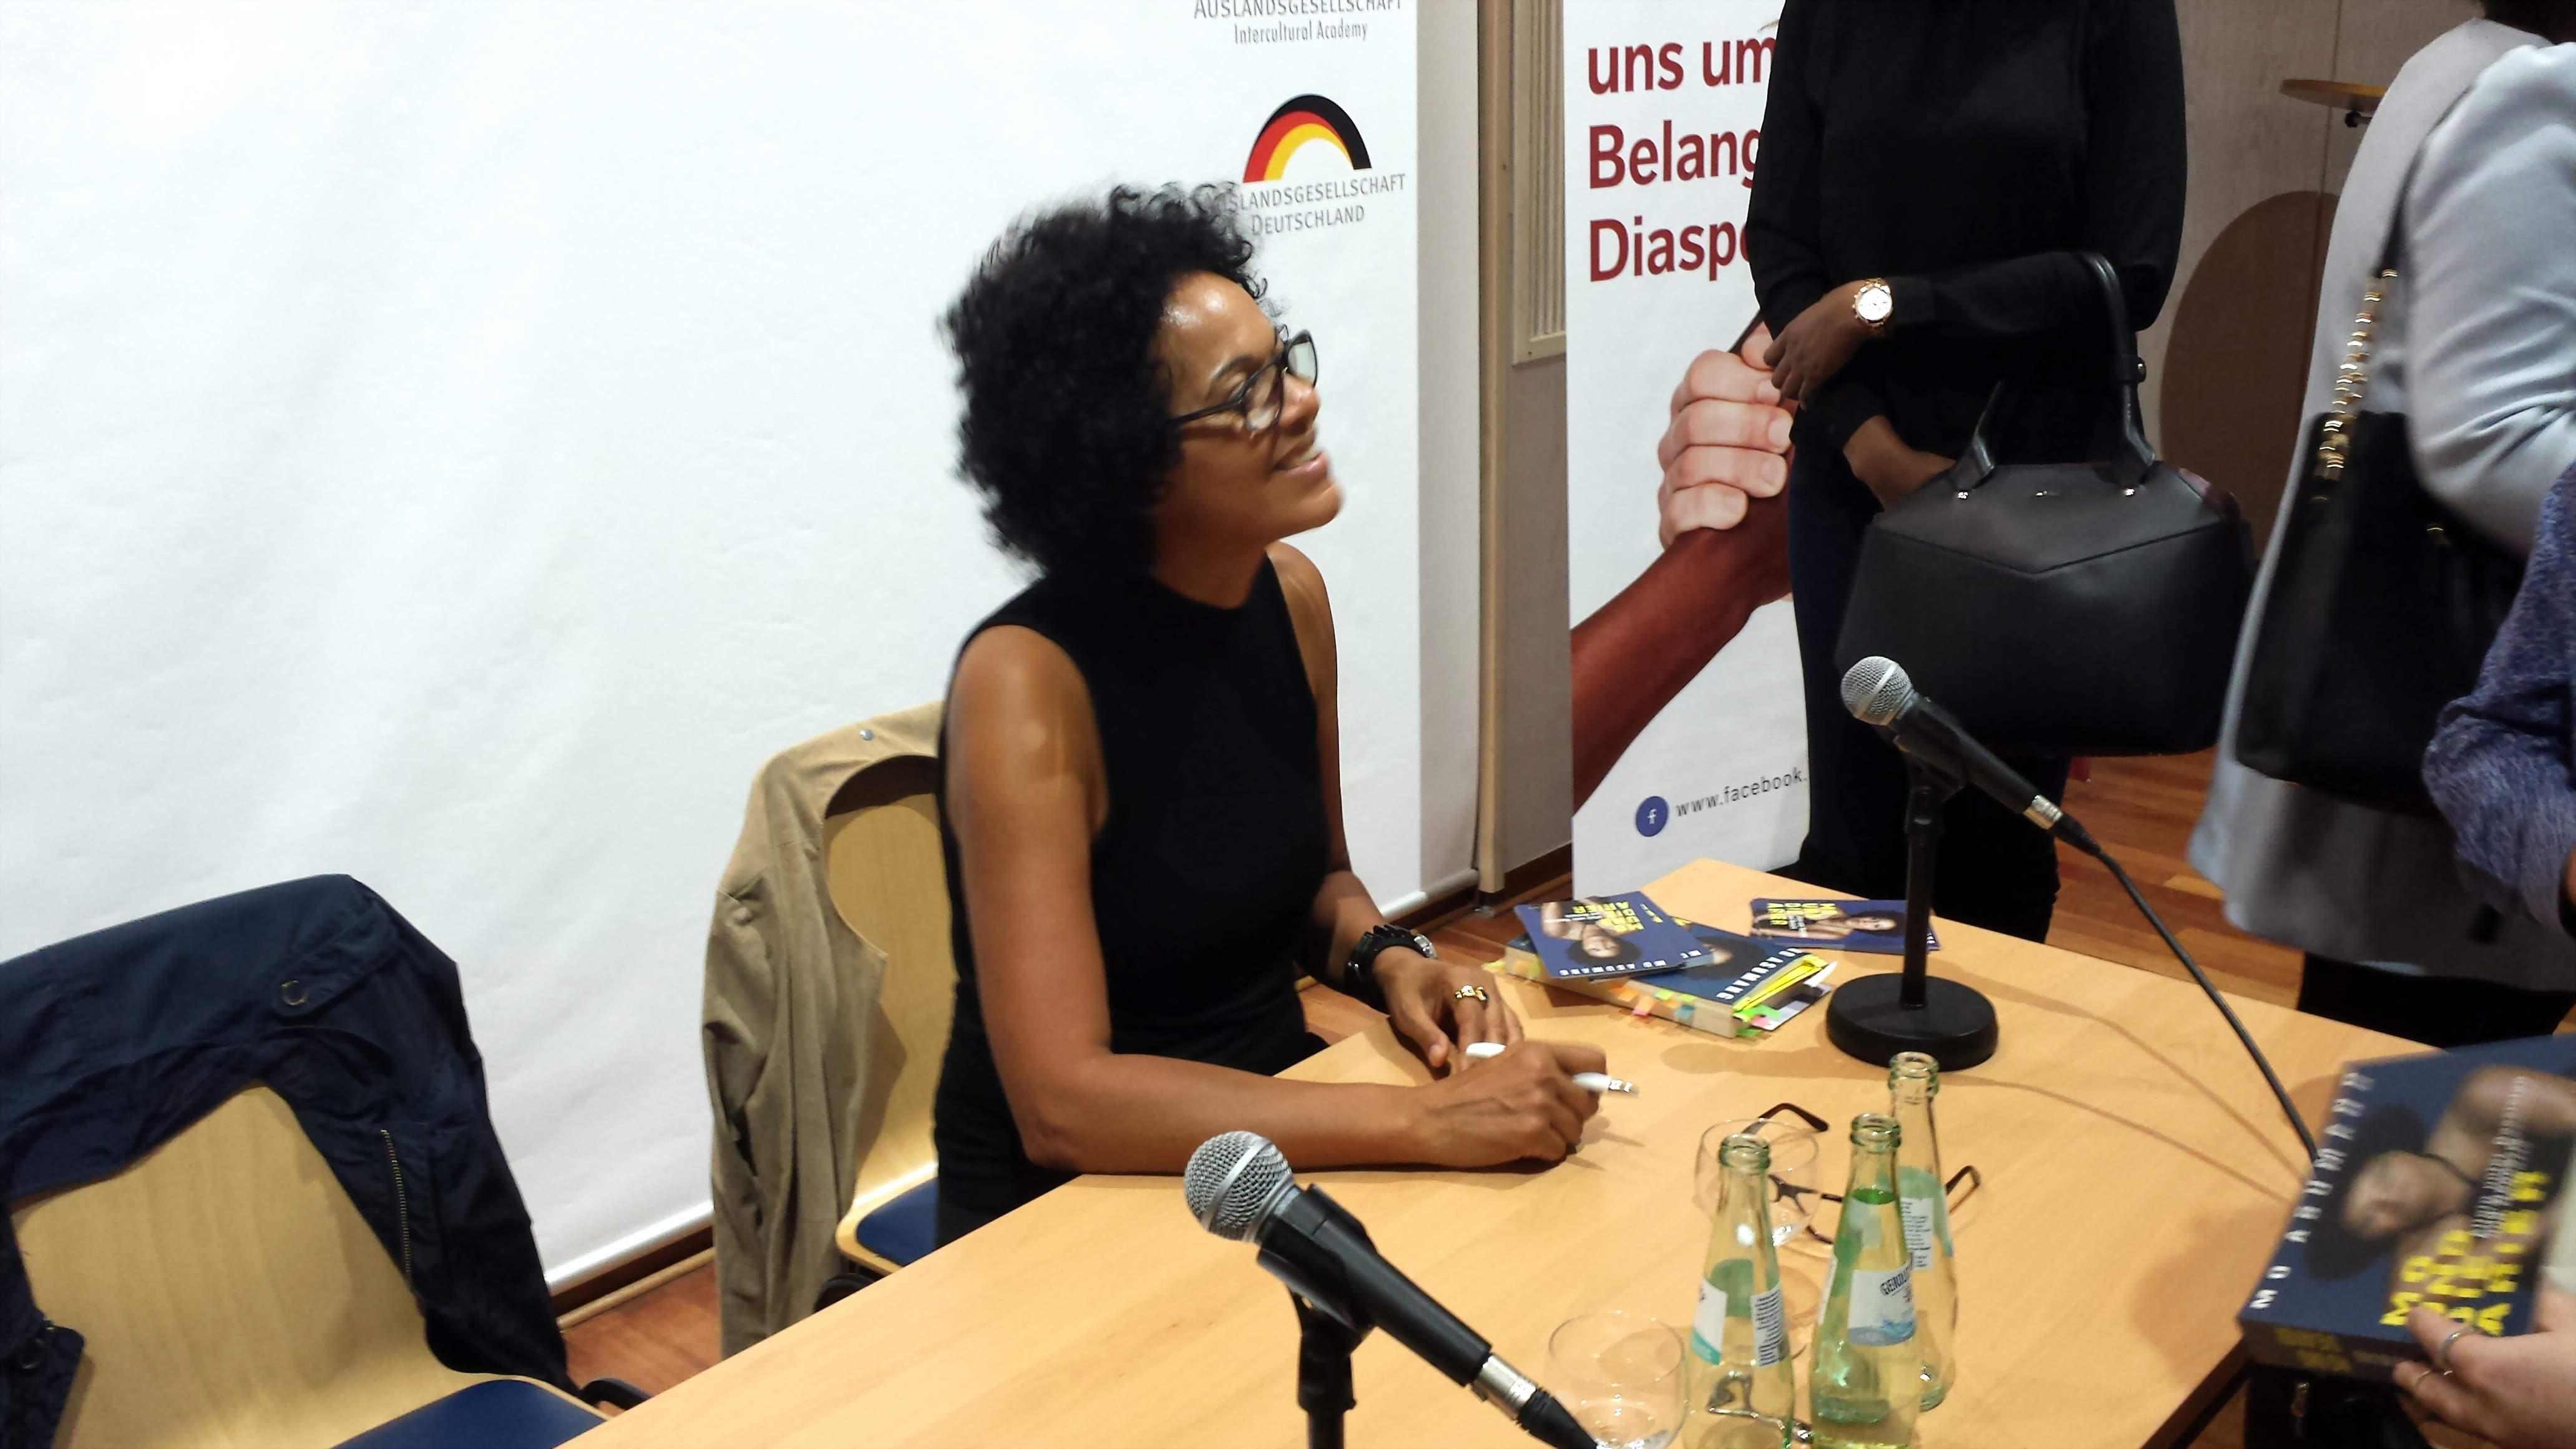 Die Autorin beim Signieren ihres Buches.